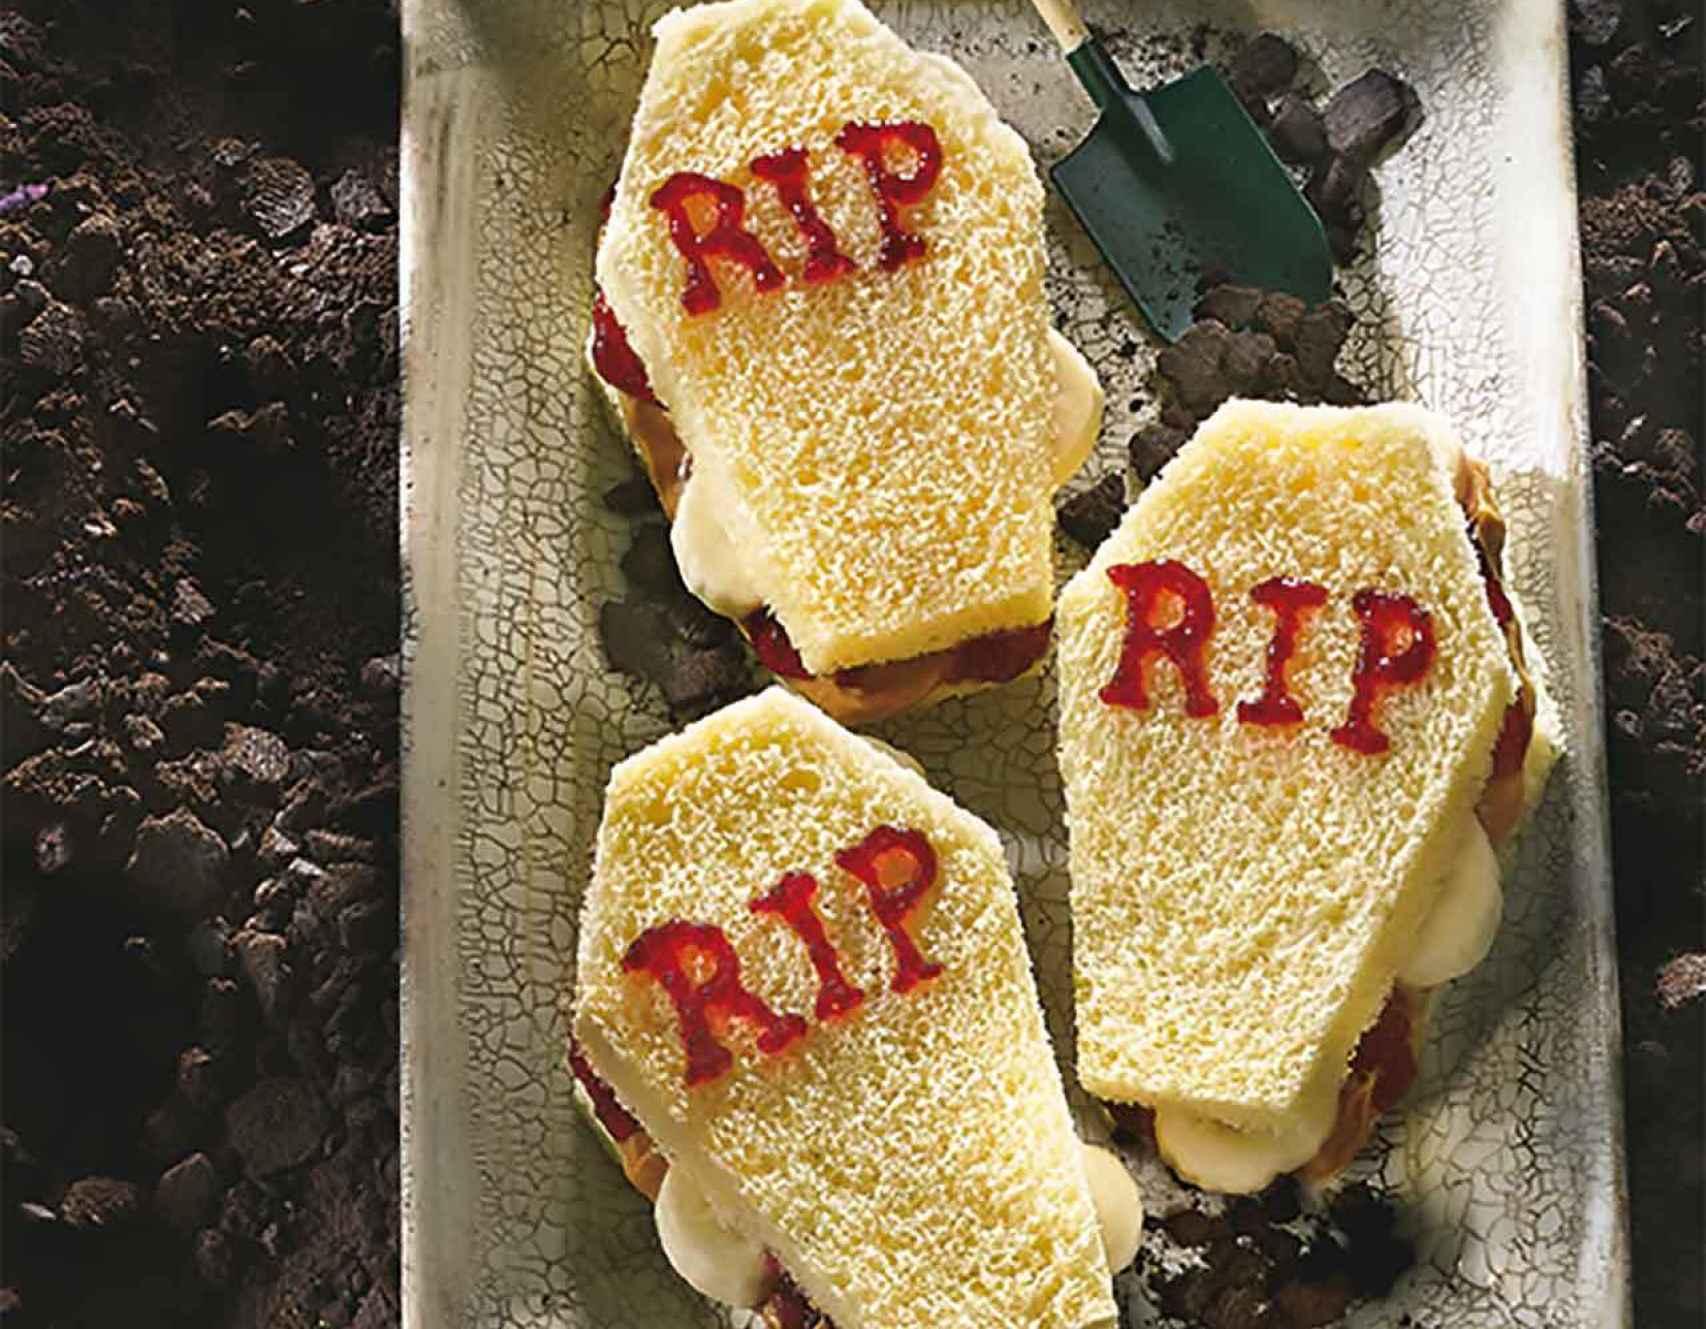 Sándwiches funerarios